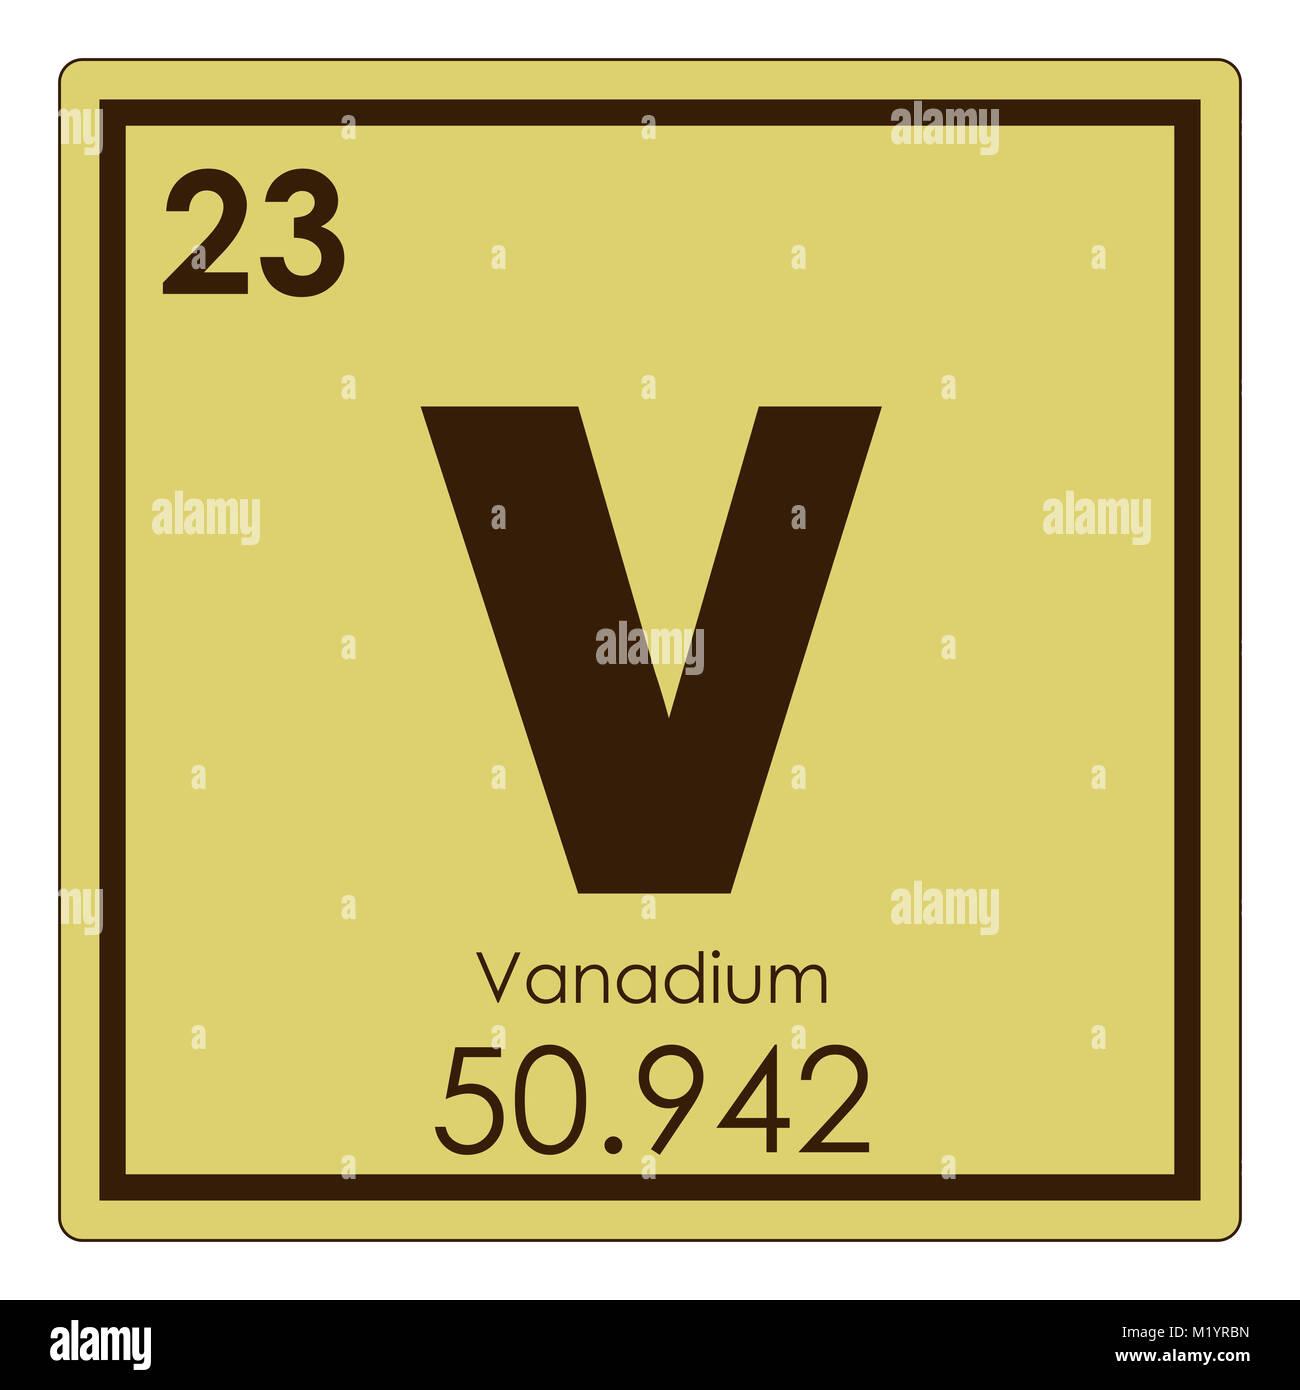 Tabla peridica de elementos qumicos de vanadio smbolo de la tabla peridica de elementos qumicos de vanadio smbolo de la ciencia urtaz Images